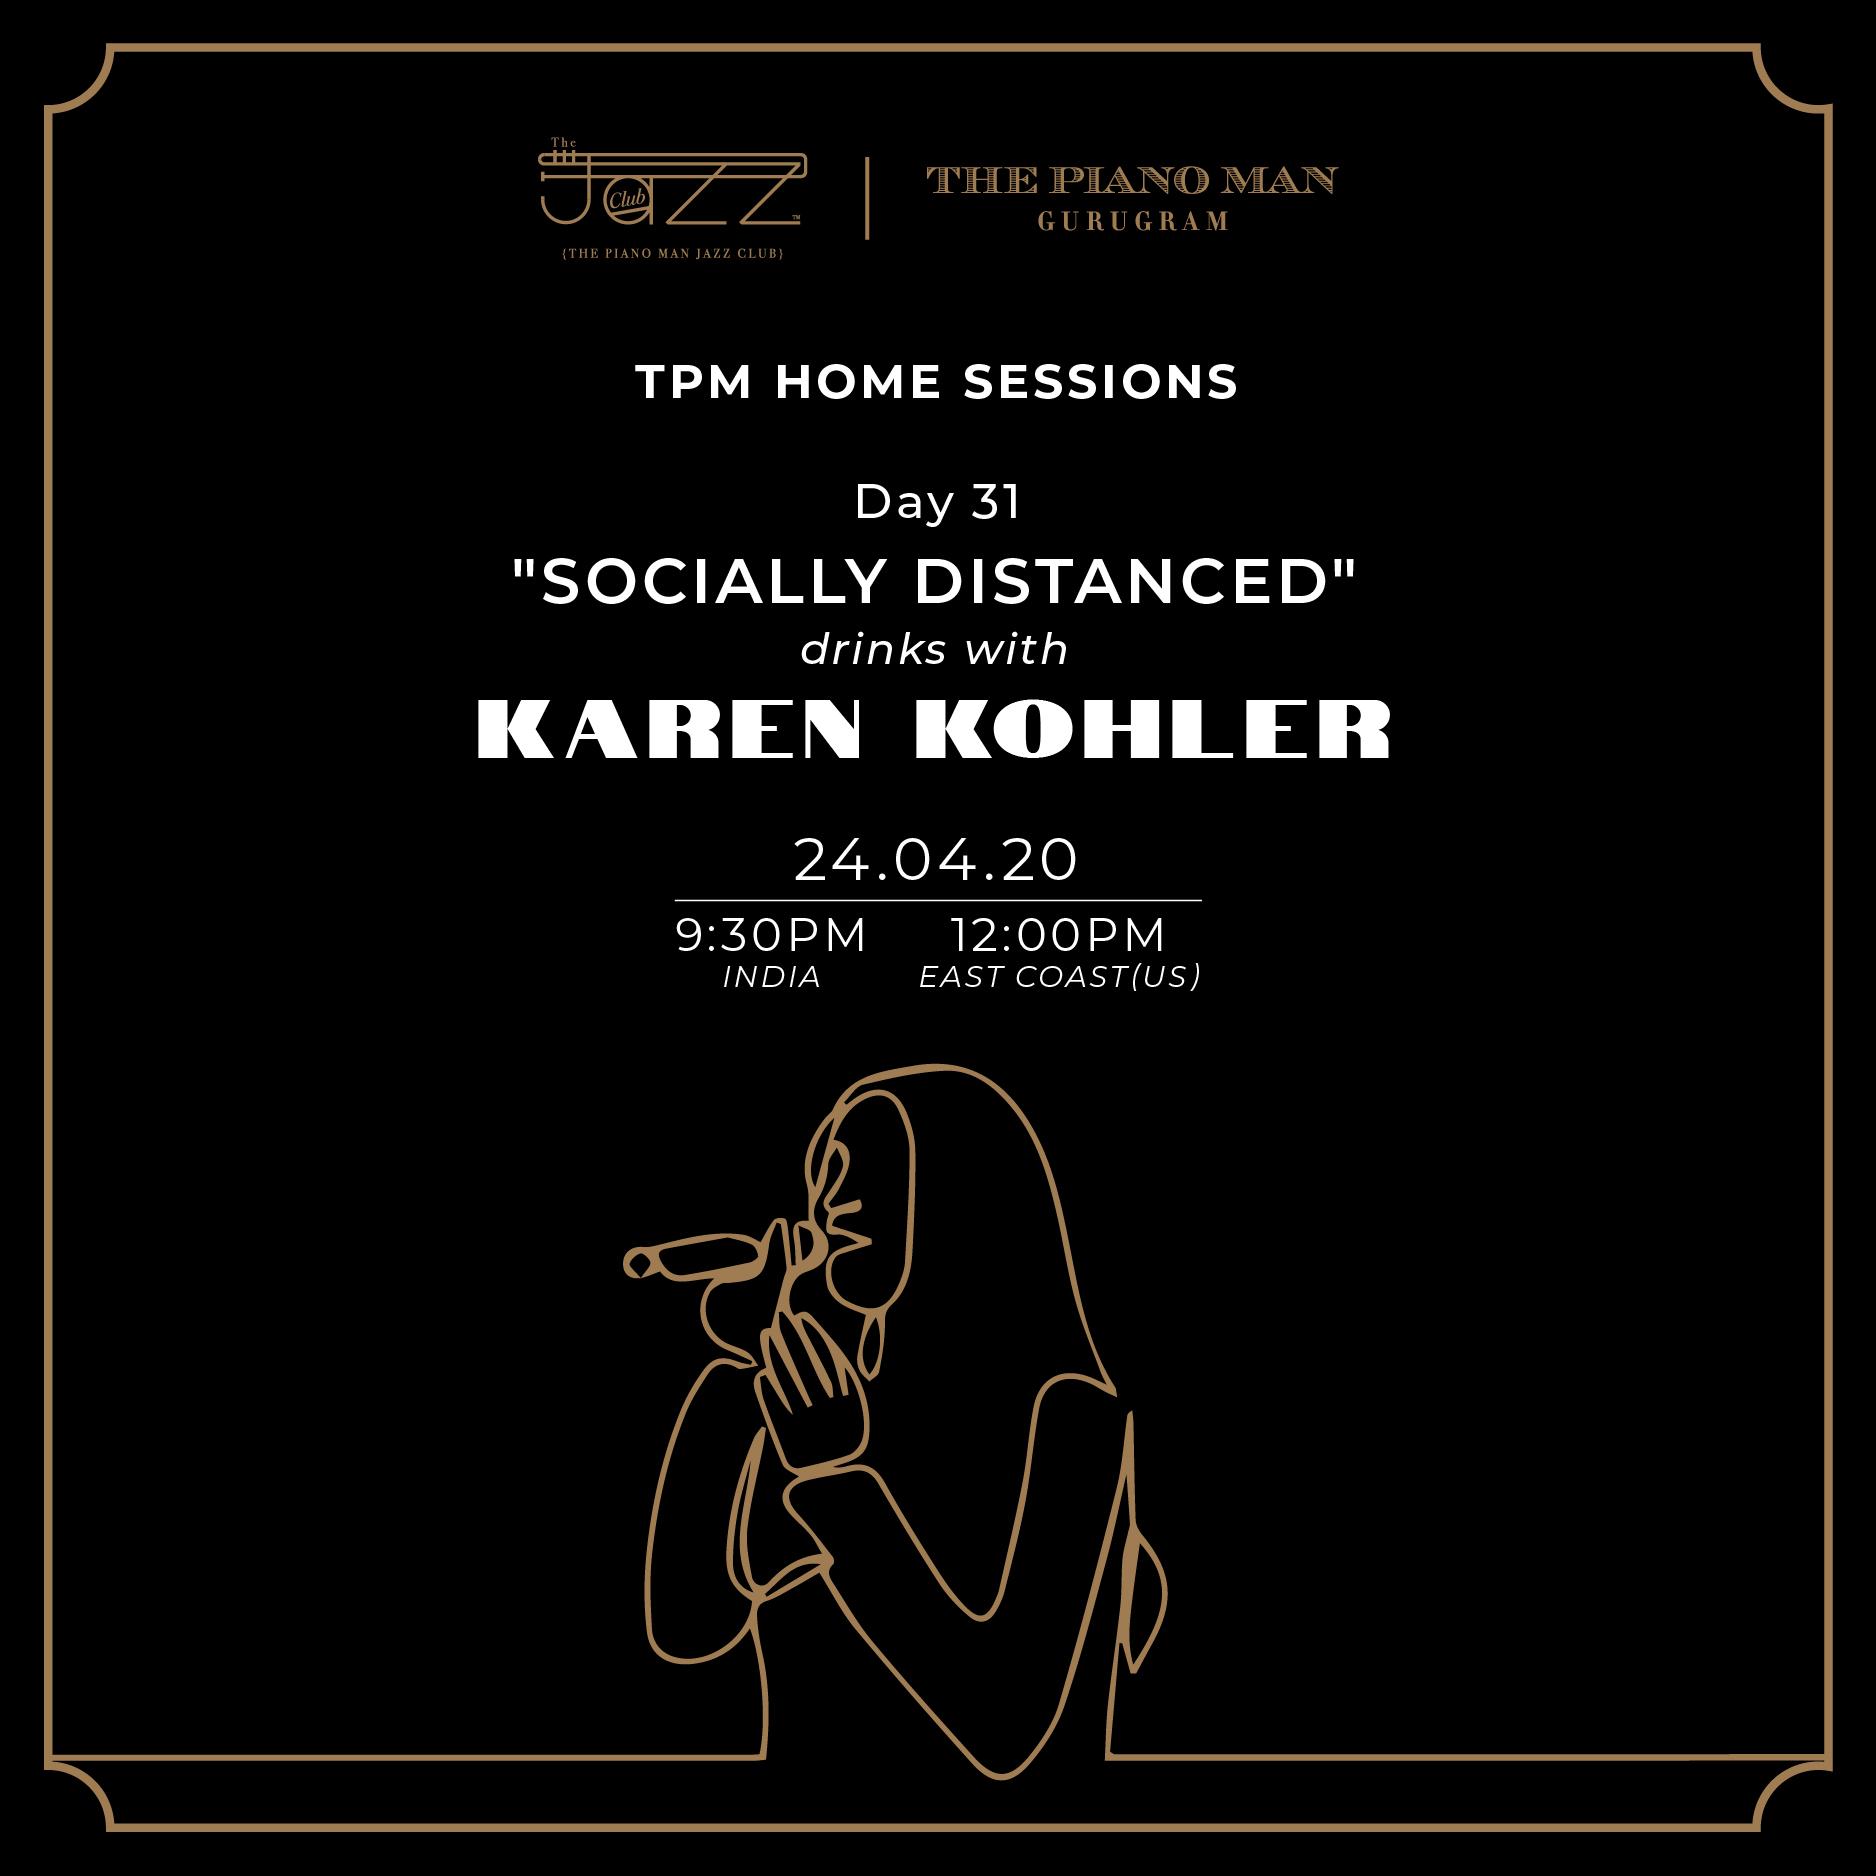 Karen Kohler on Piano Man Jazz